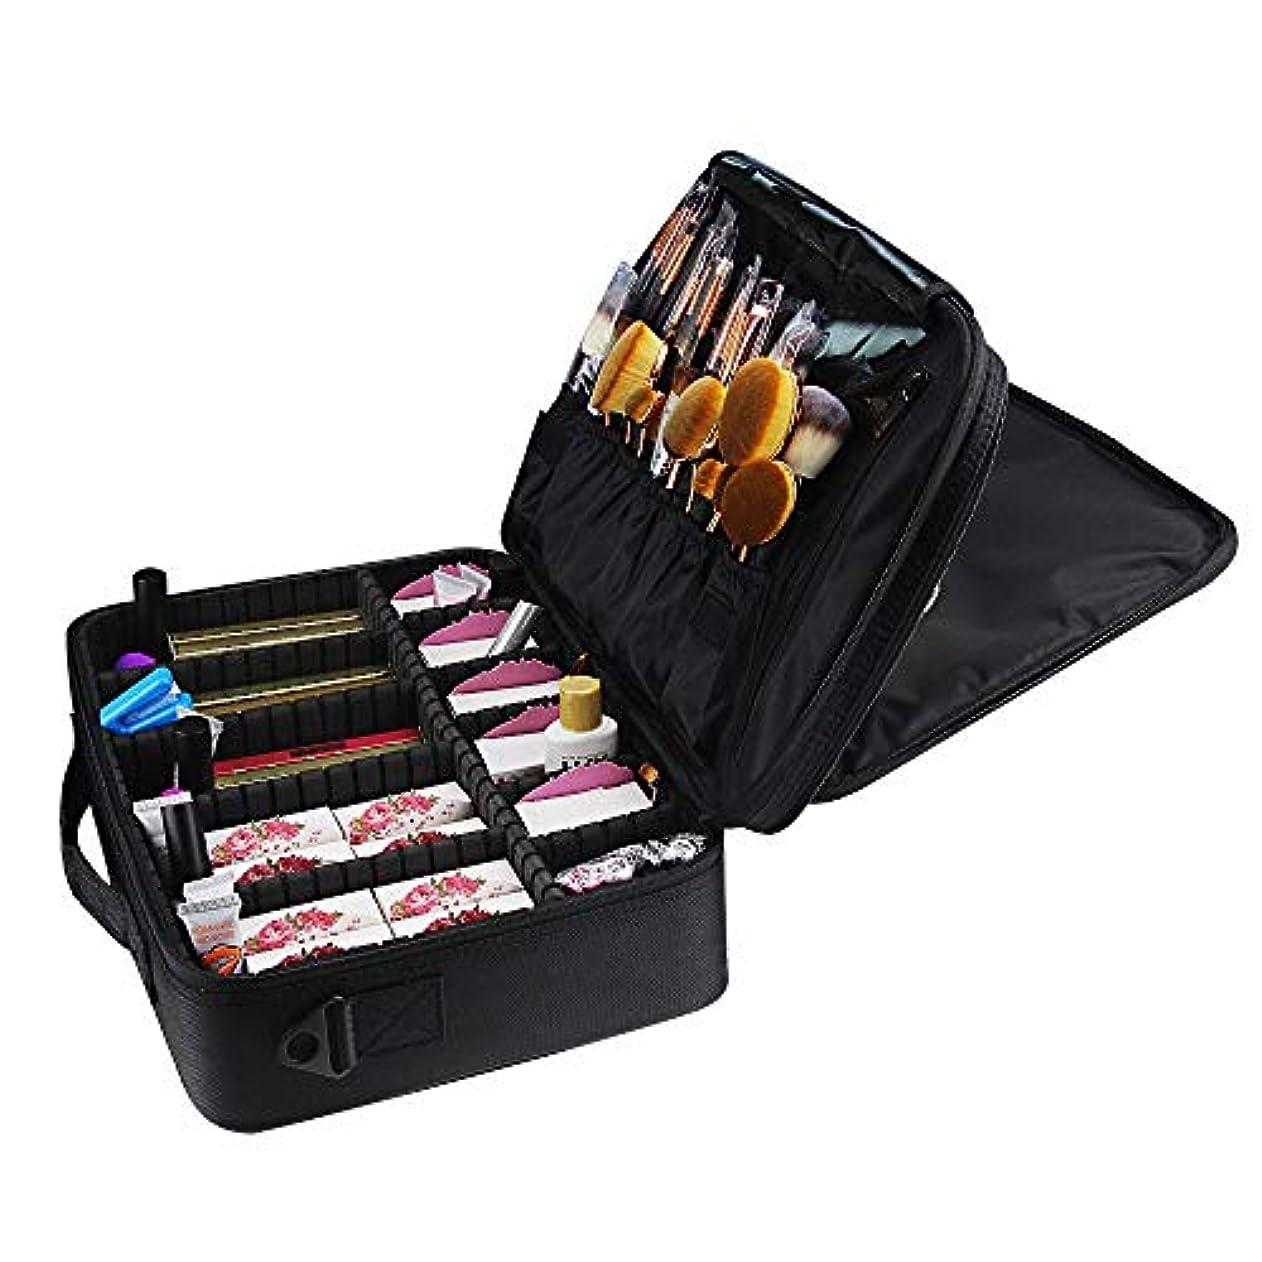 ショッキングアヒル店員化粧オーガナイザーバッグ メイクアップトラベルバッグストレージバッグ防水ミニメイクアップケース旅行旅行のための 化粧品ケース (色 : ブラック)